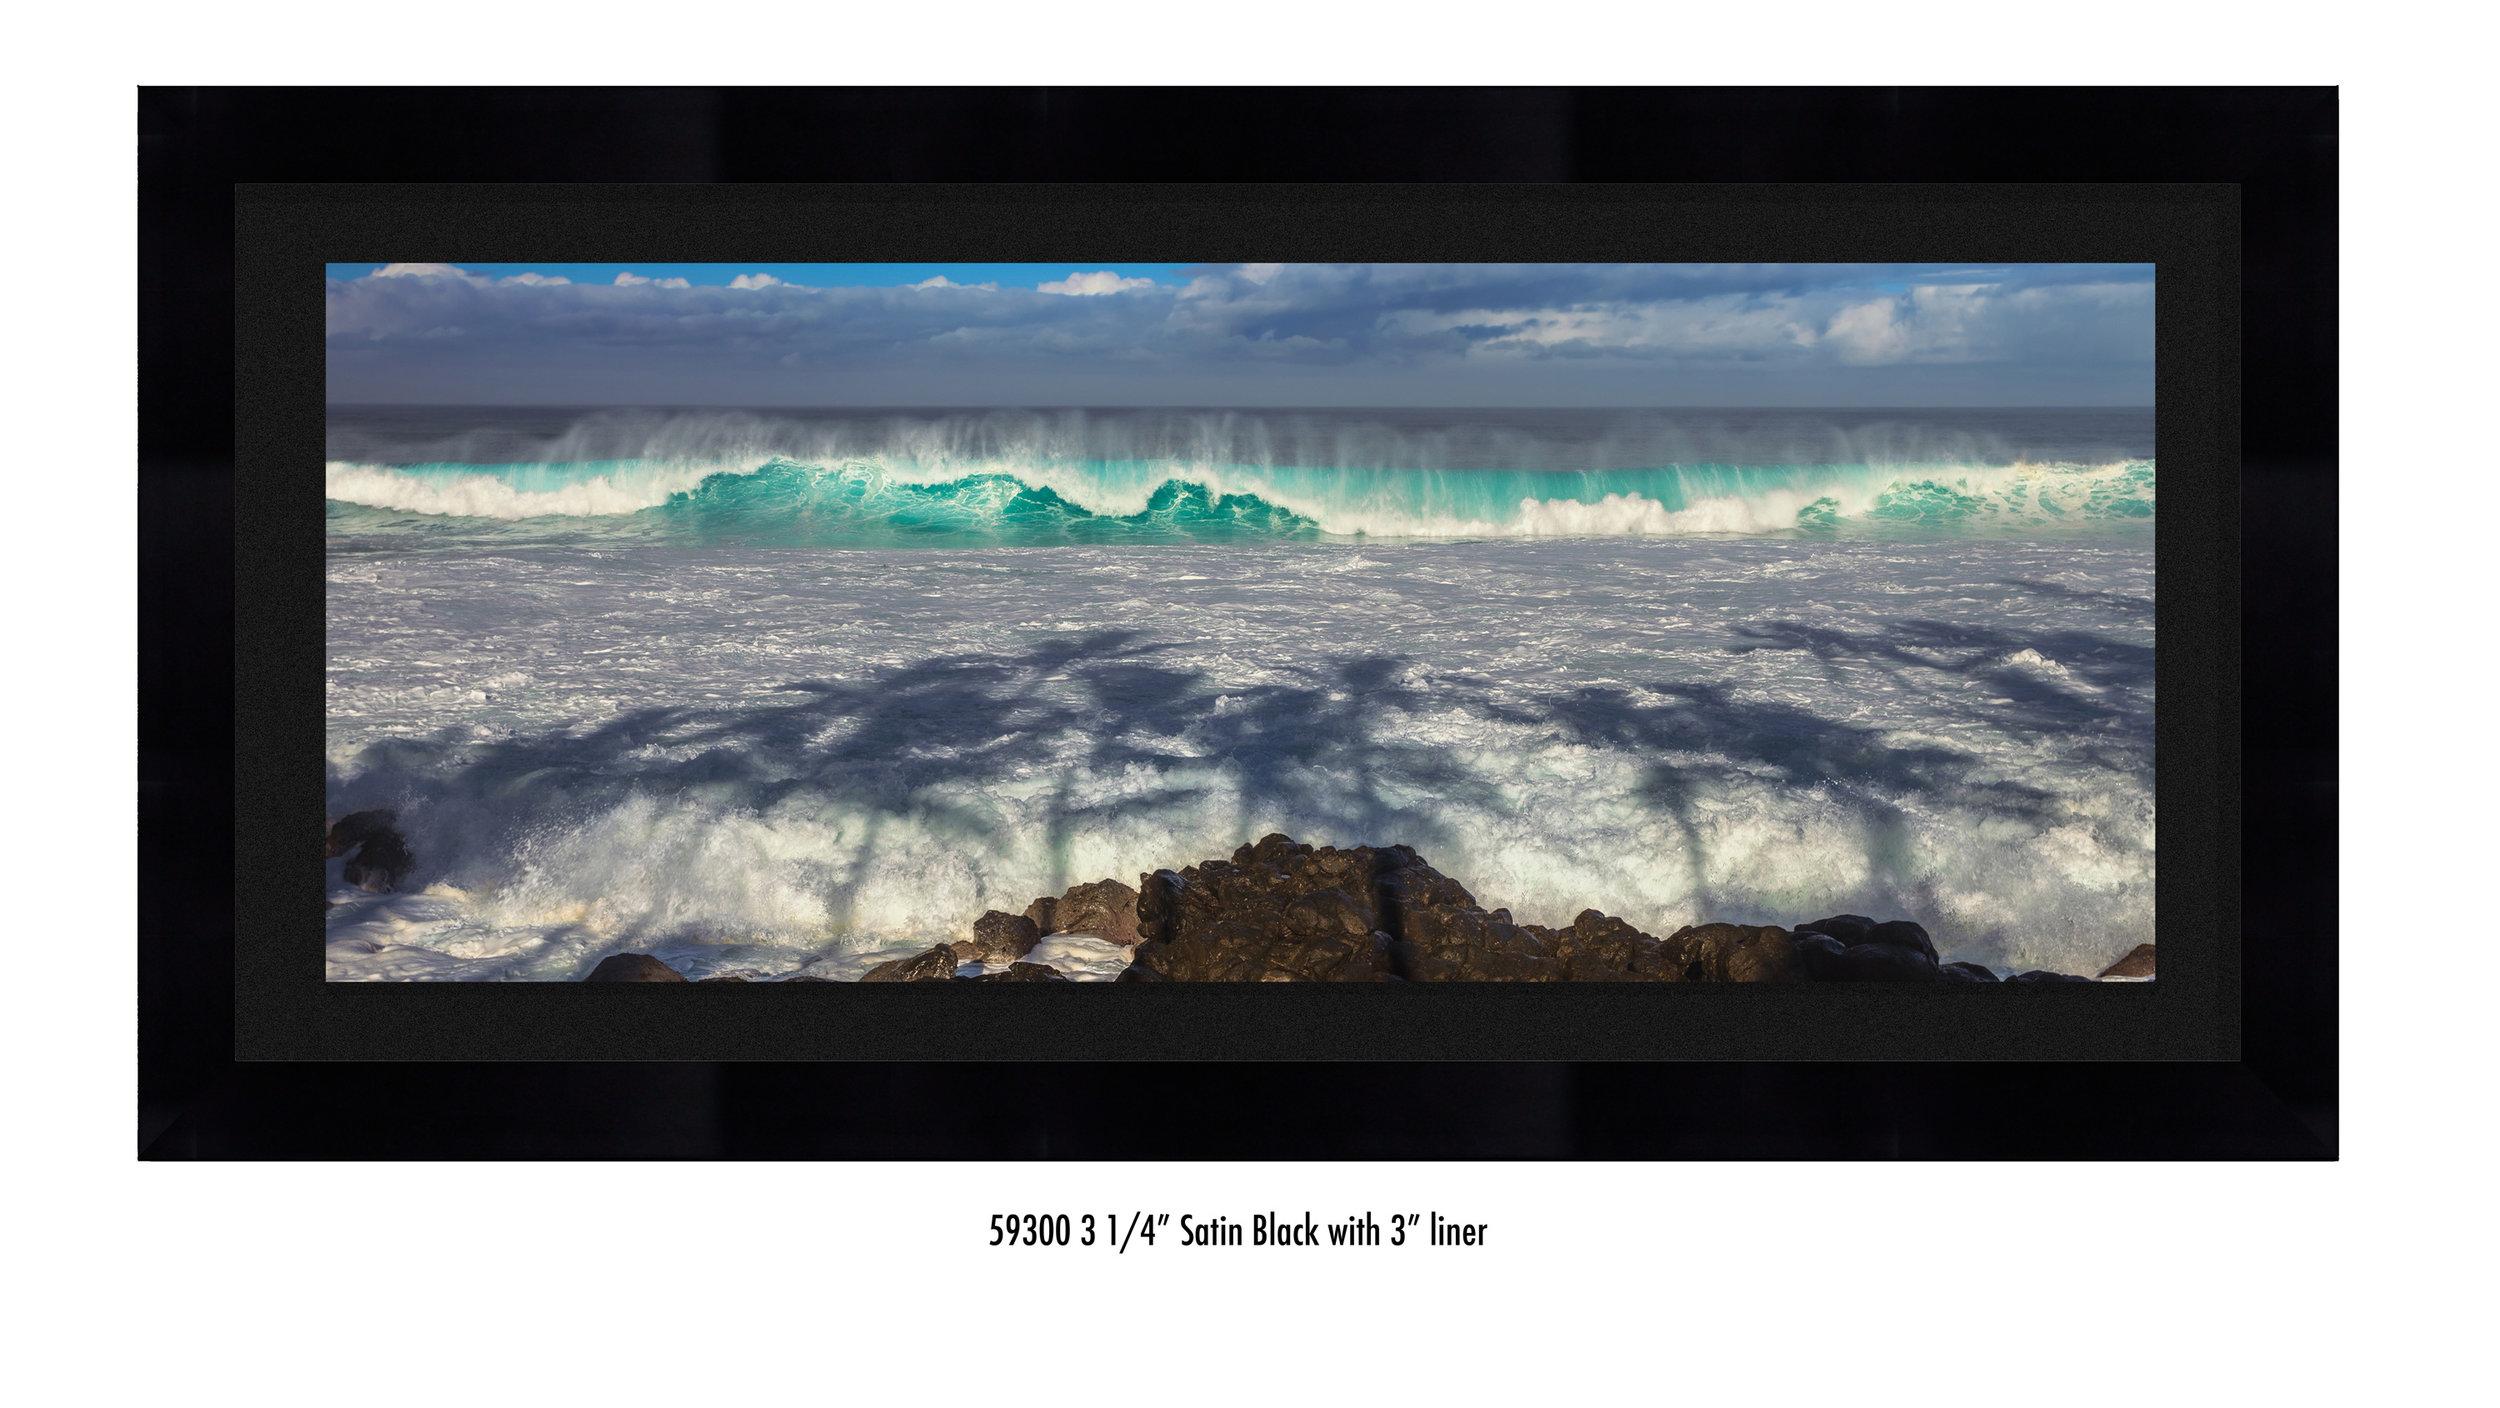 Eddie-Wave-59300-blk.jpg